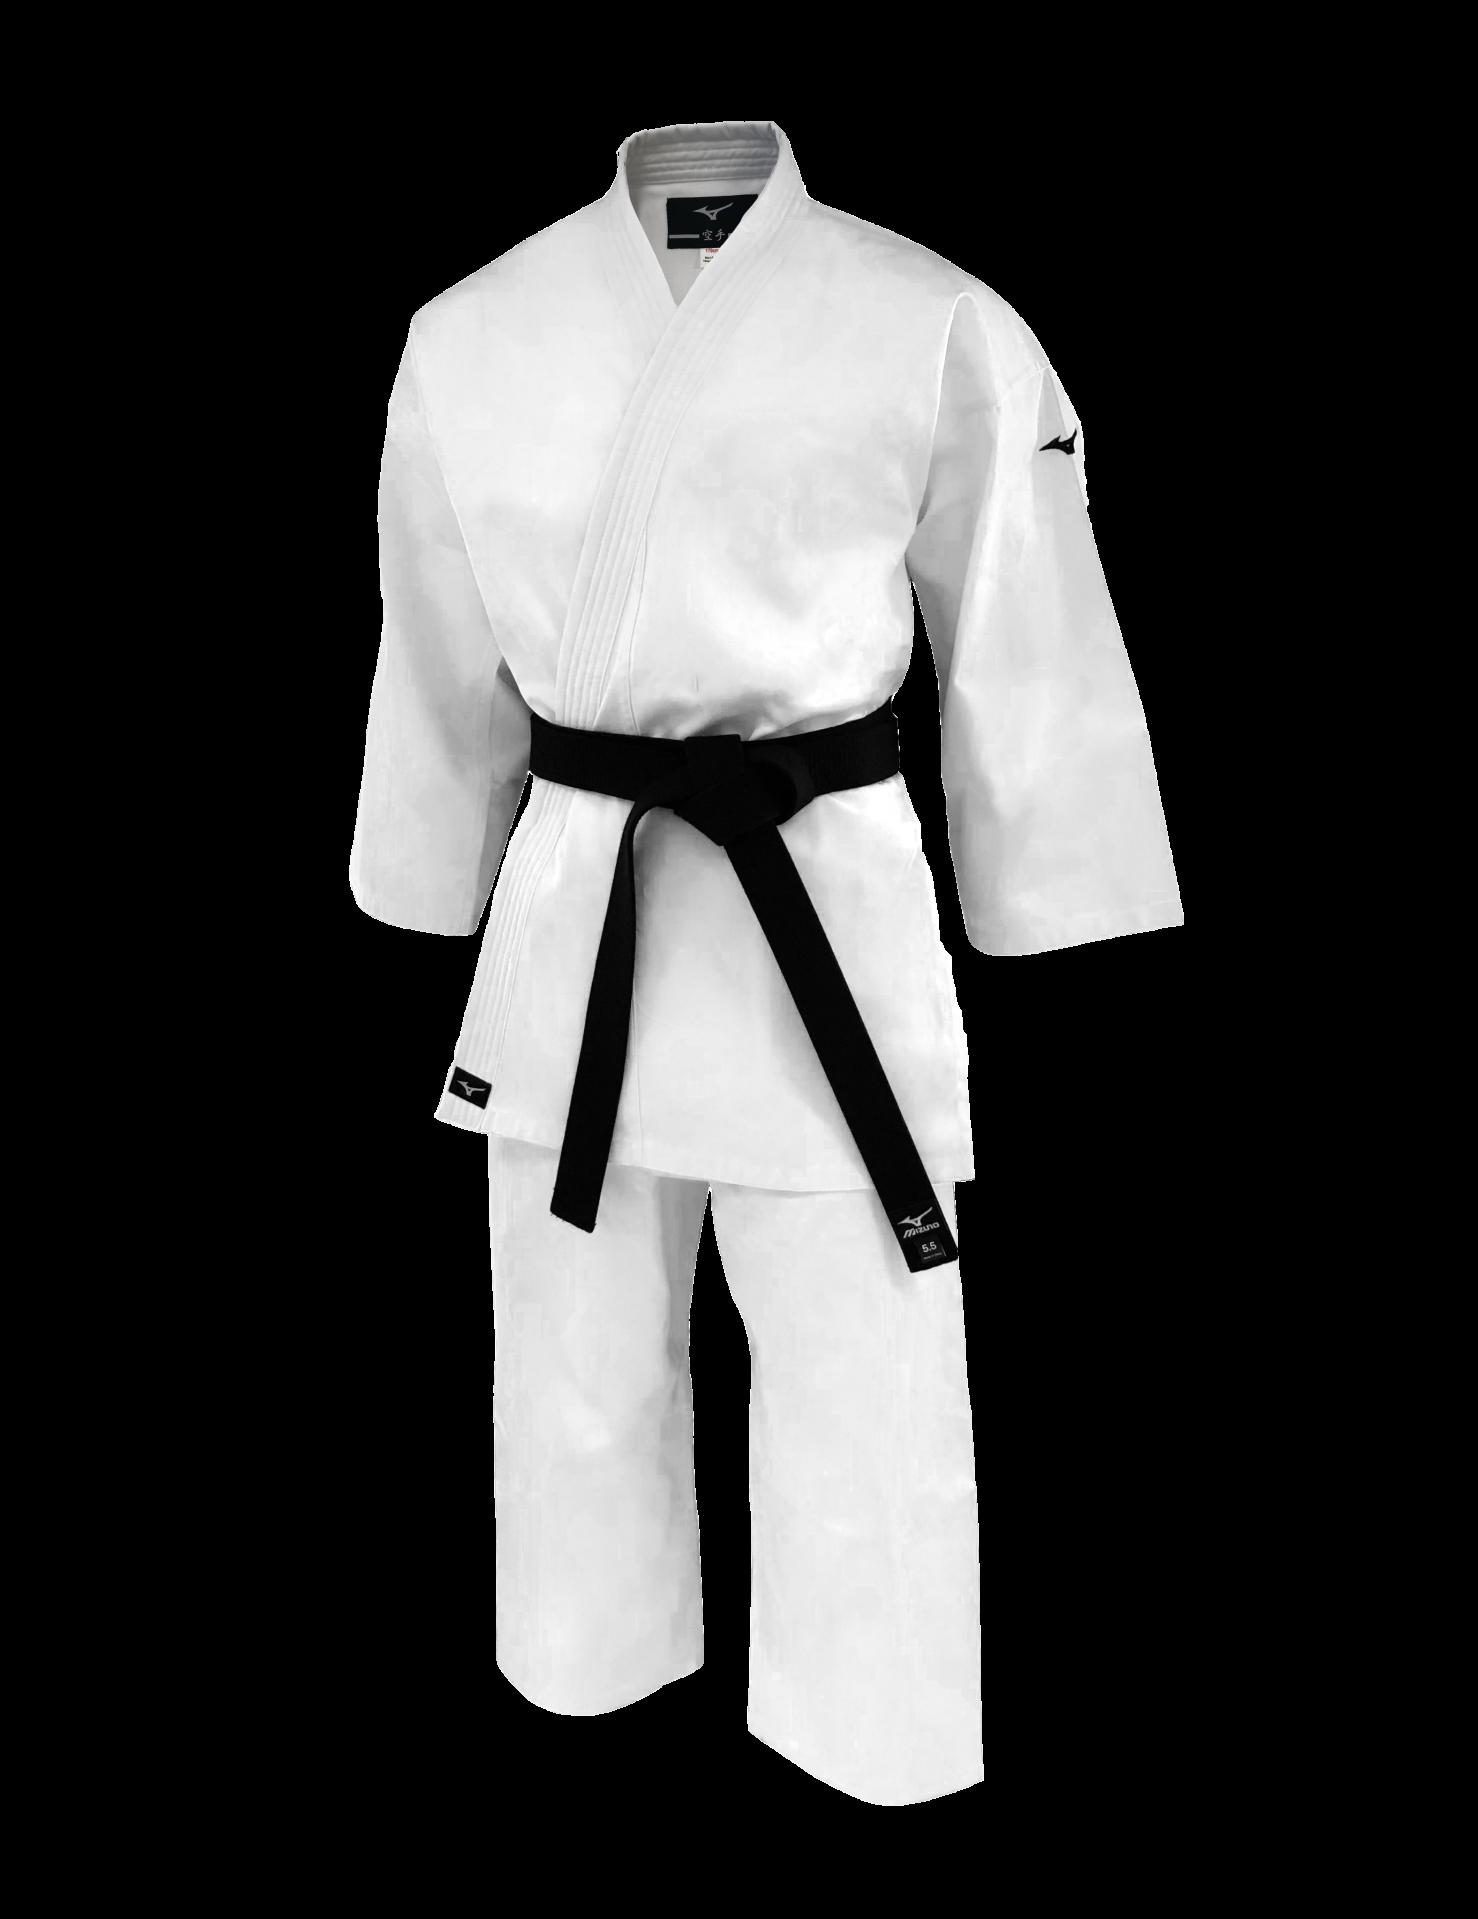 Kimono karate shodan